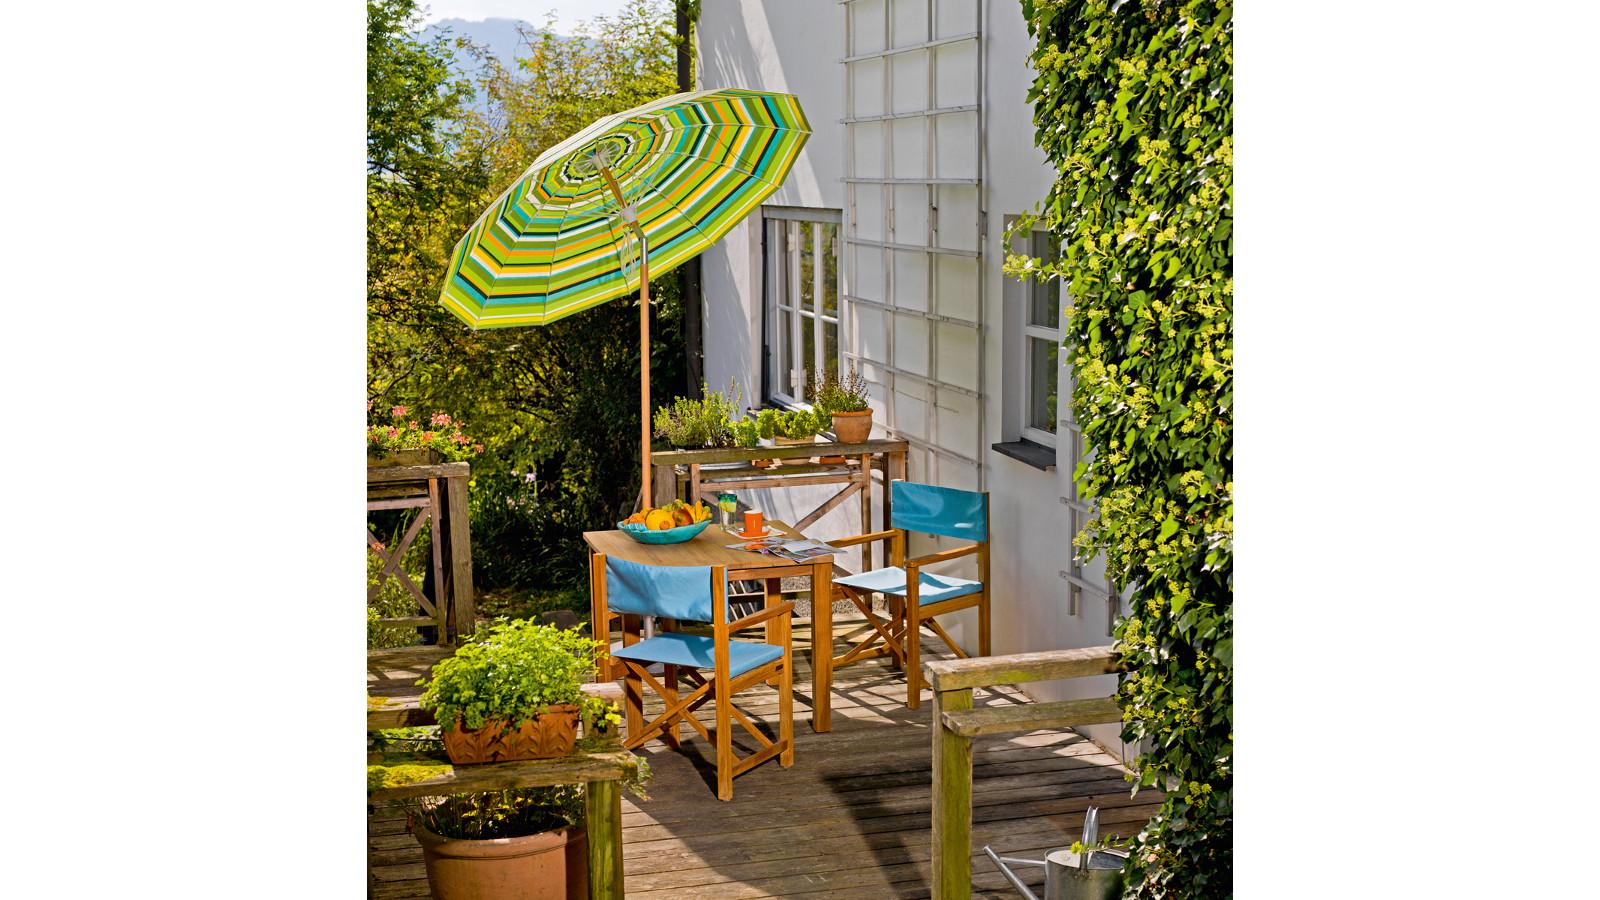 Outdoor Küche Cube : Outdoor living mit lamellendächern gartenmöbeln und dem biggreenegg